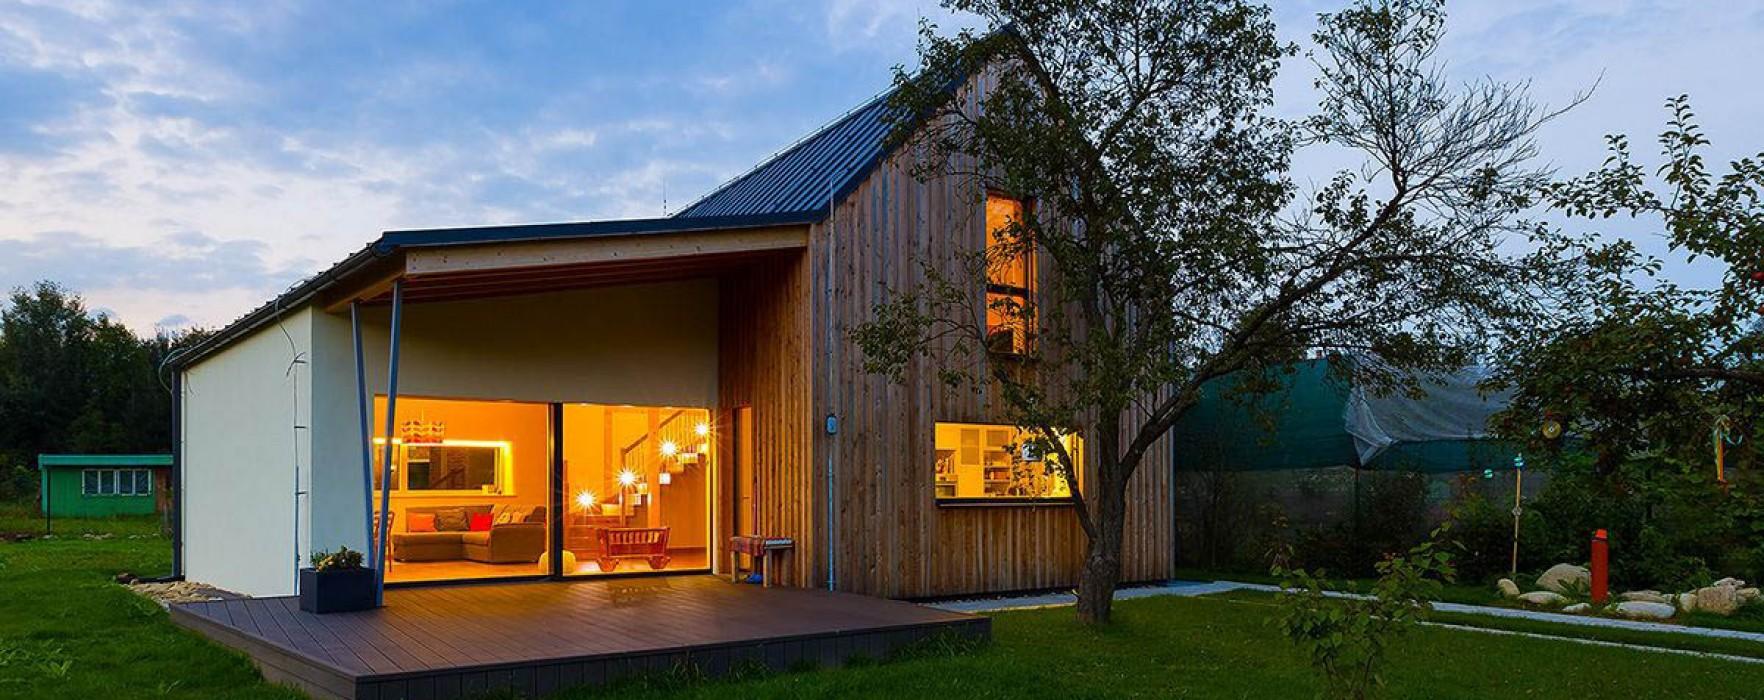 Case piccole case sempre pi piccole with case piccole for Piccole planimetrie di piccole case